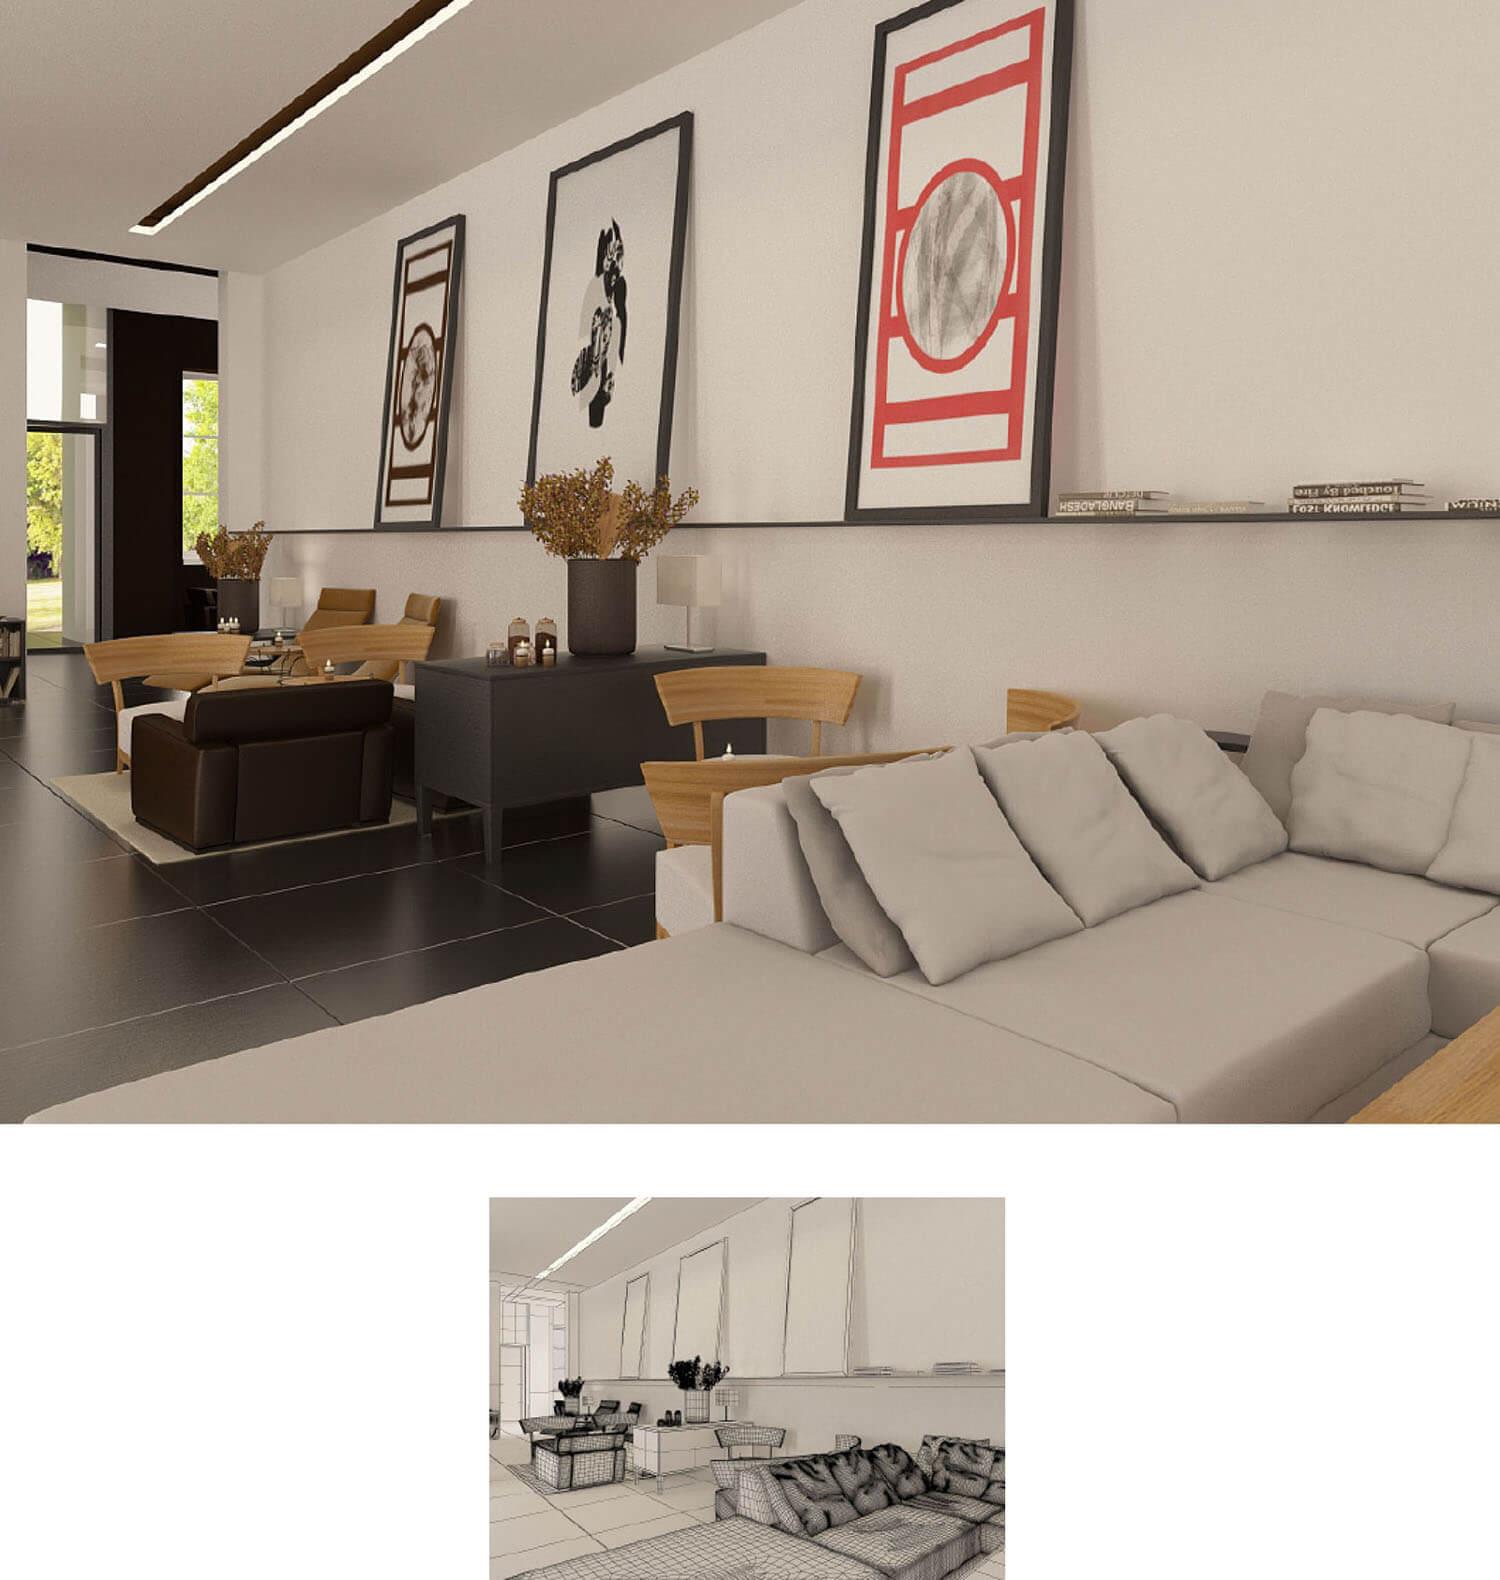 Không gian phòng khách được kết hợp hài hòa cùng nơi sinh hoạt chung